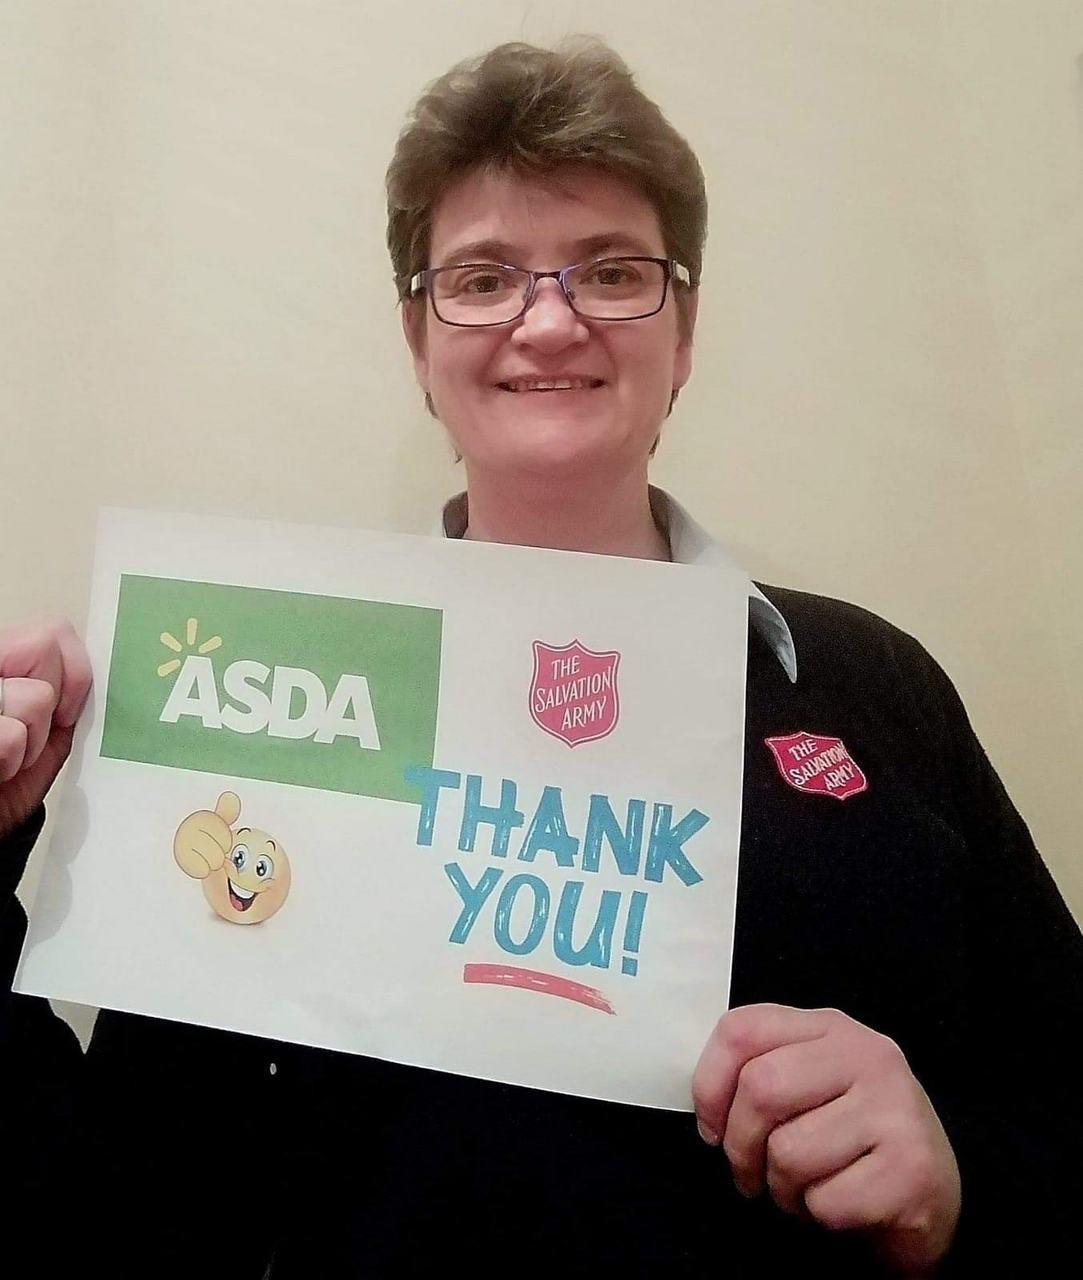 Thank you Asda | Asda Gosforth